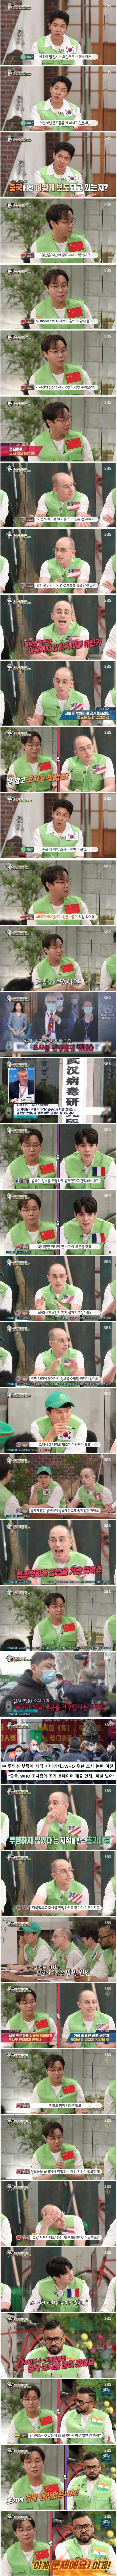 중국인이 말하는 코로나 음모론